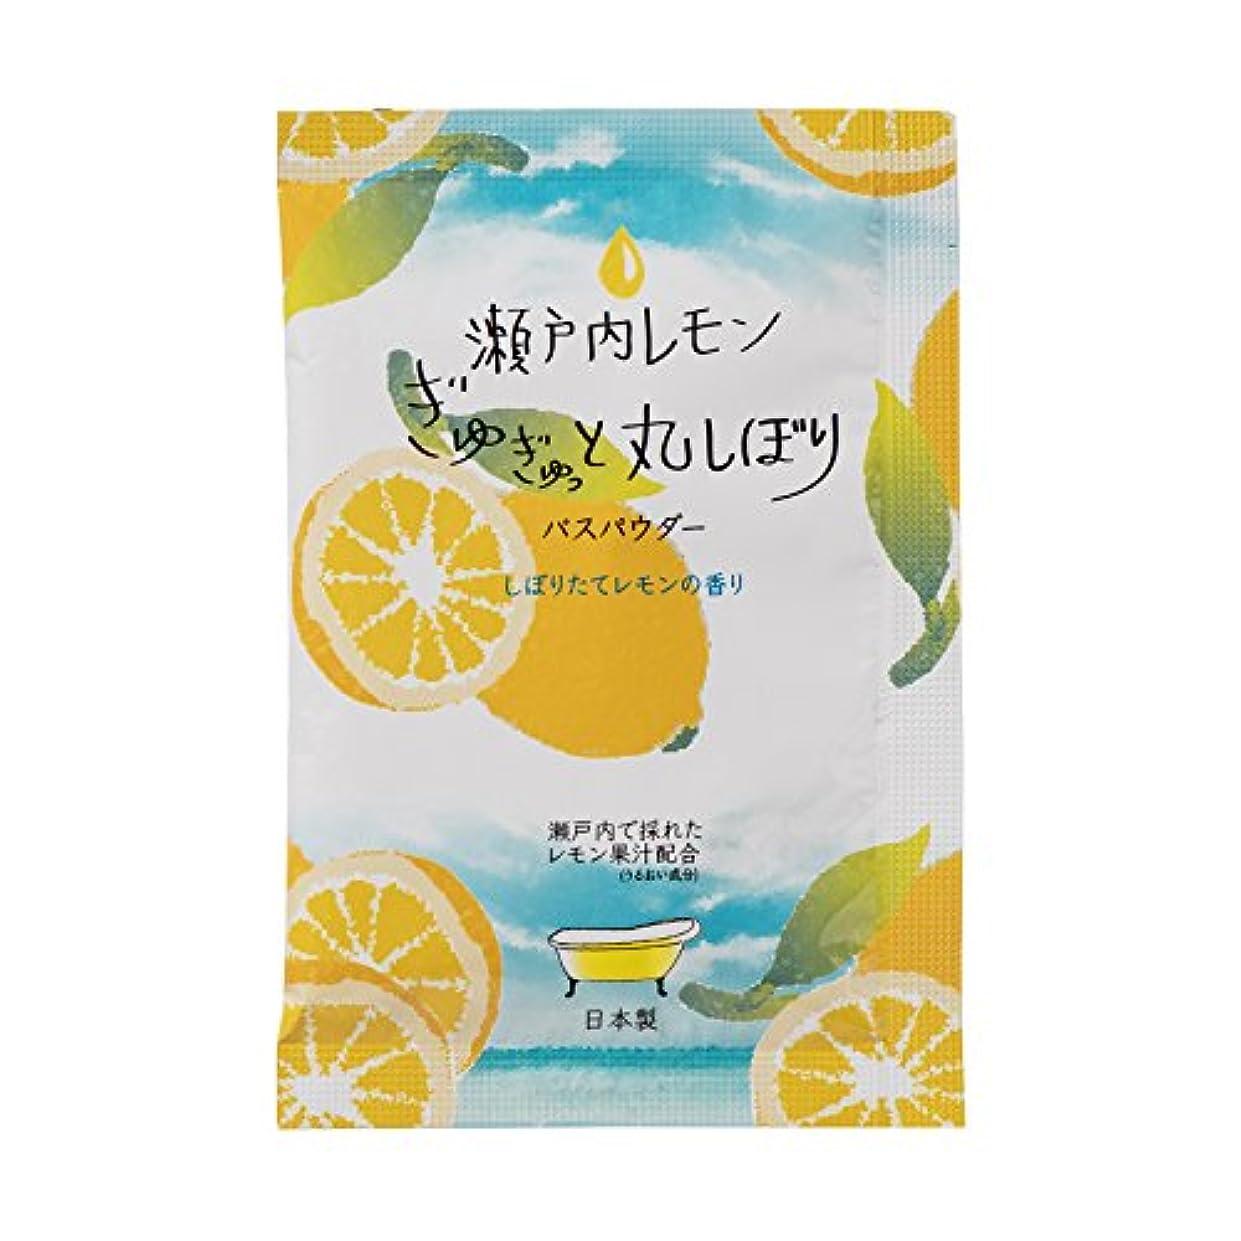 憤るく回想リッチバスパウダー(瀬戸内レモンの香り)× 40個